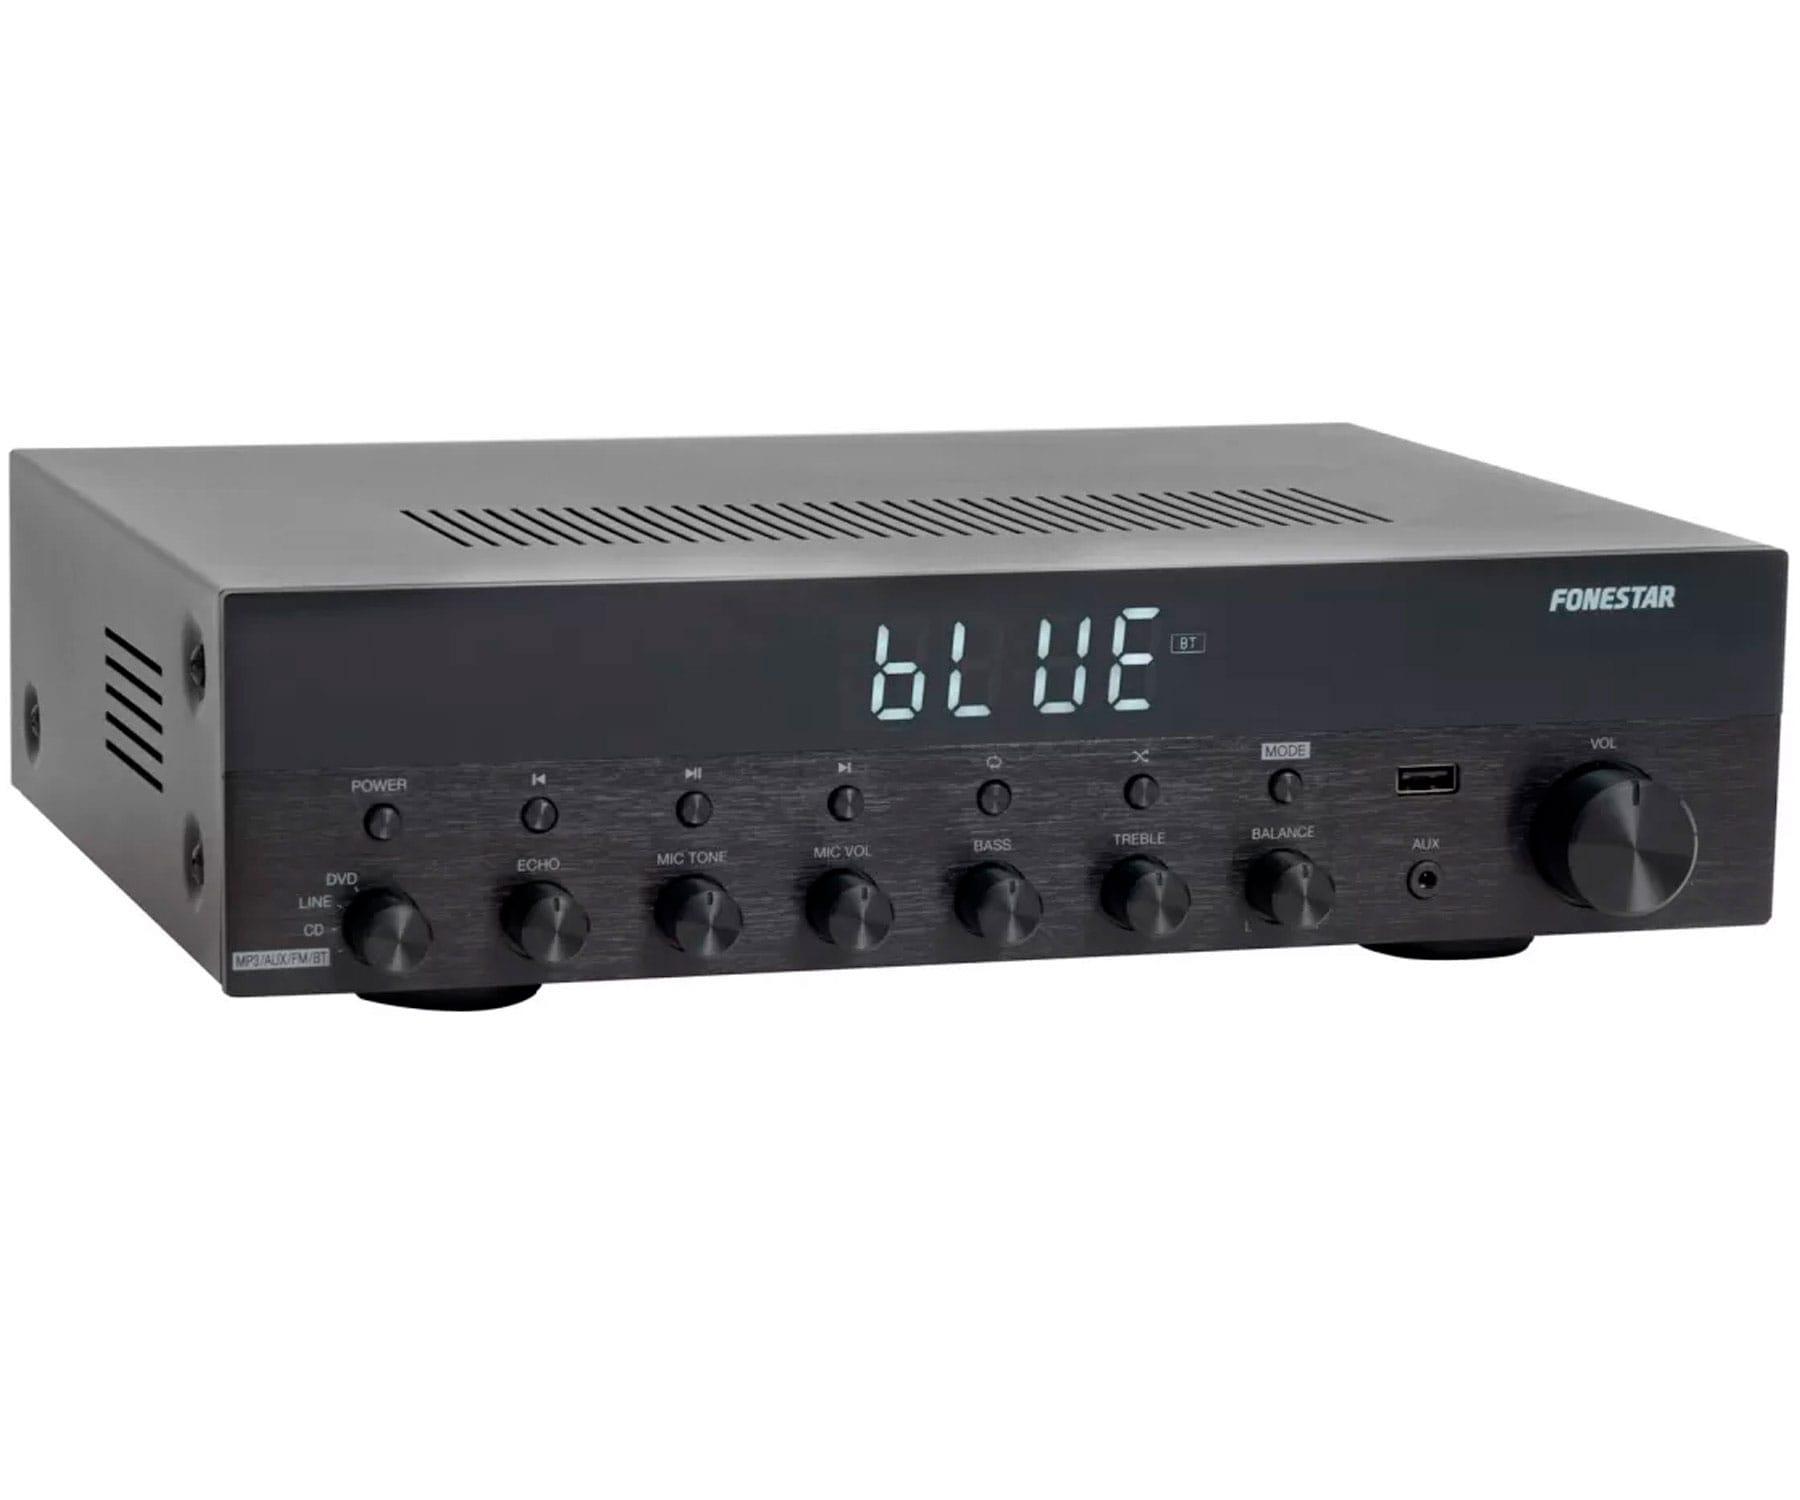 FONESTAR AS-3030 AMPLIFICADOR ESTÉREO HI-FI 30+30W BLUETOOTH USB MP3 FM ENTRADAS MICRO Y TONO